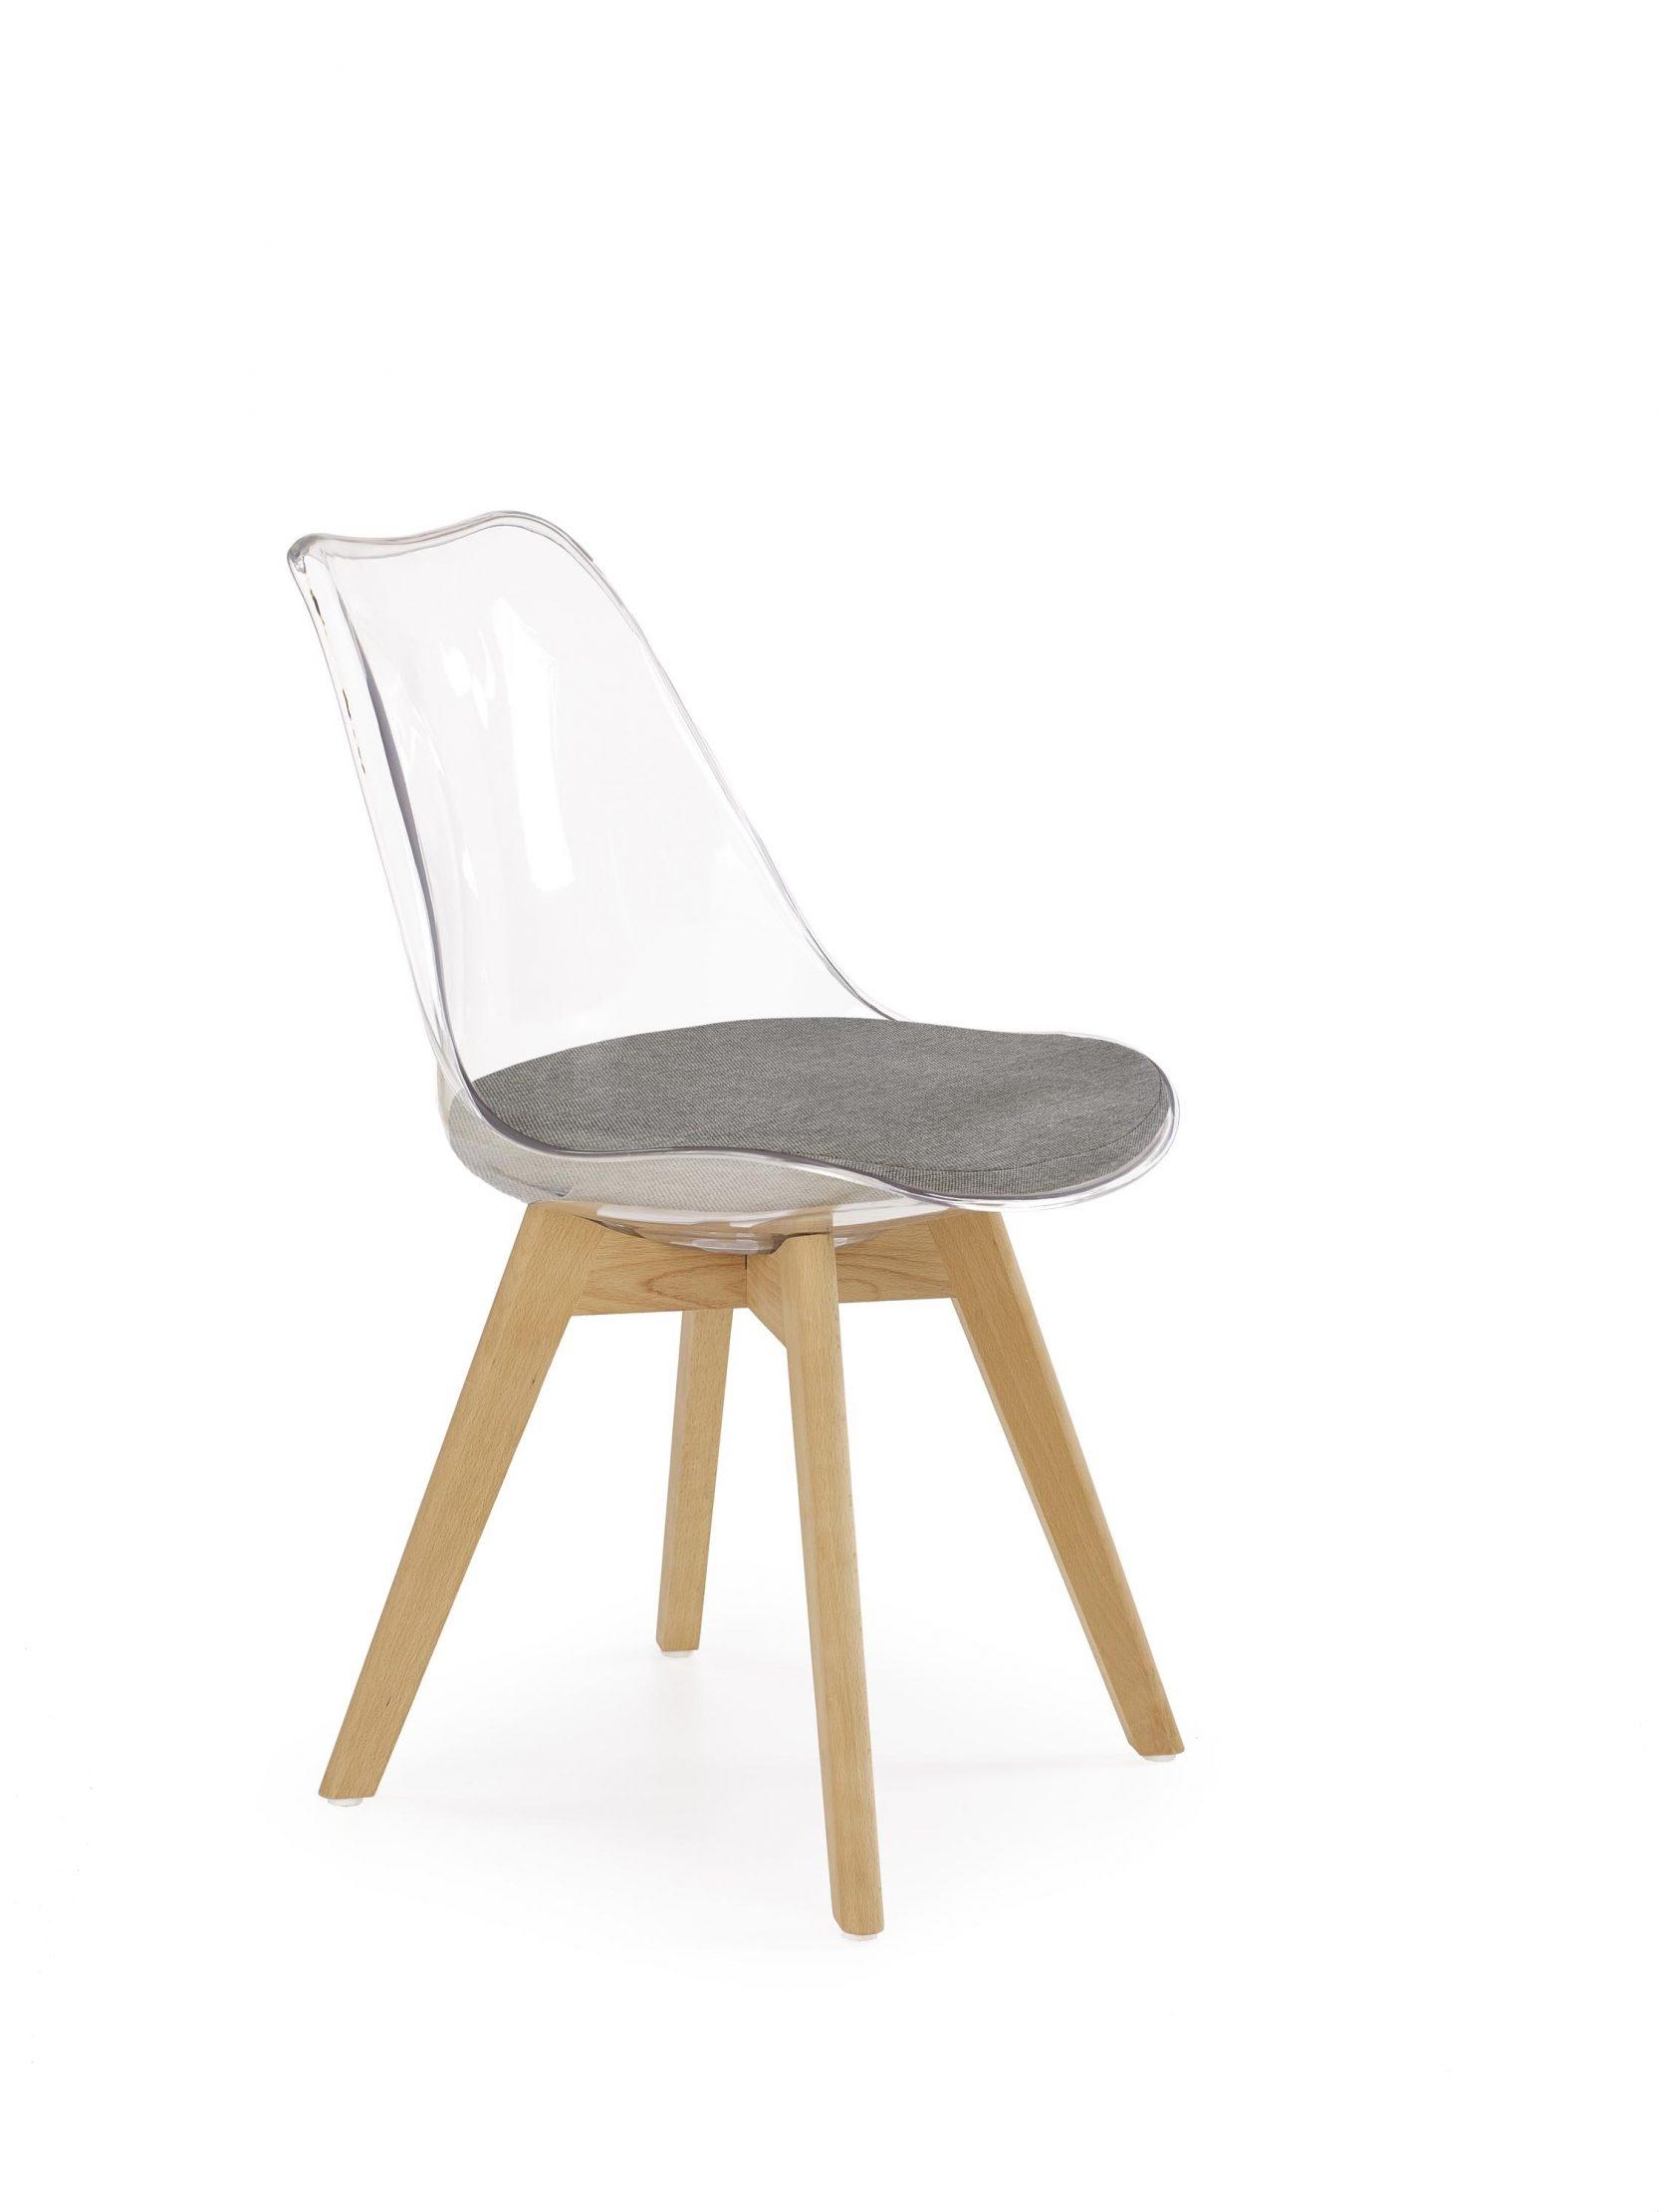 Scaun din plastic, cu sezut tapitat cu stofa si picioare din lemn K342 Transparent / Gri / Fag, l48xA58xH83 cm somproduct.ro